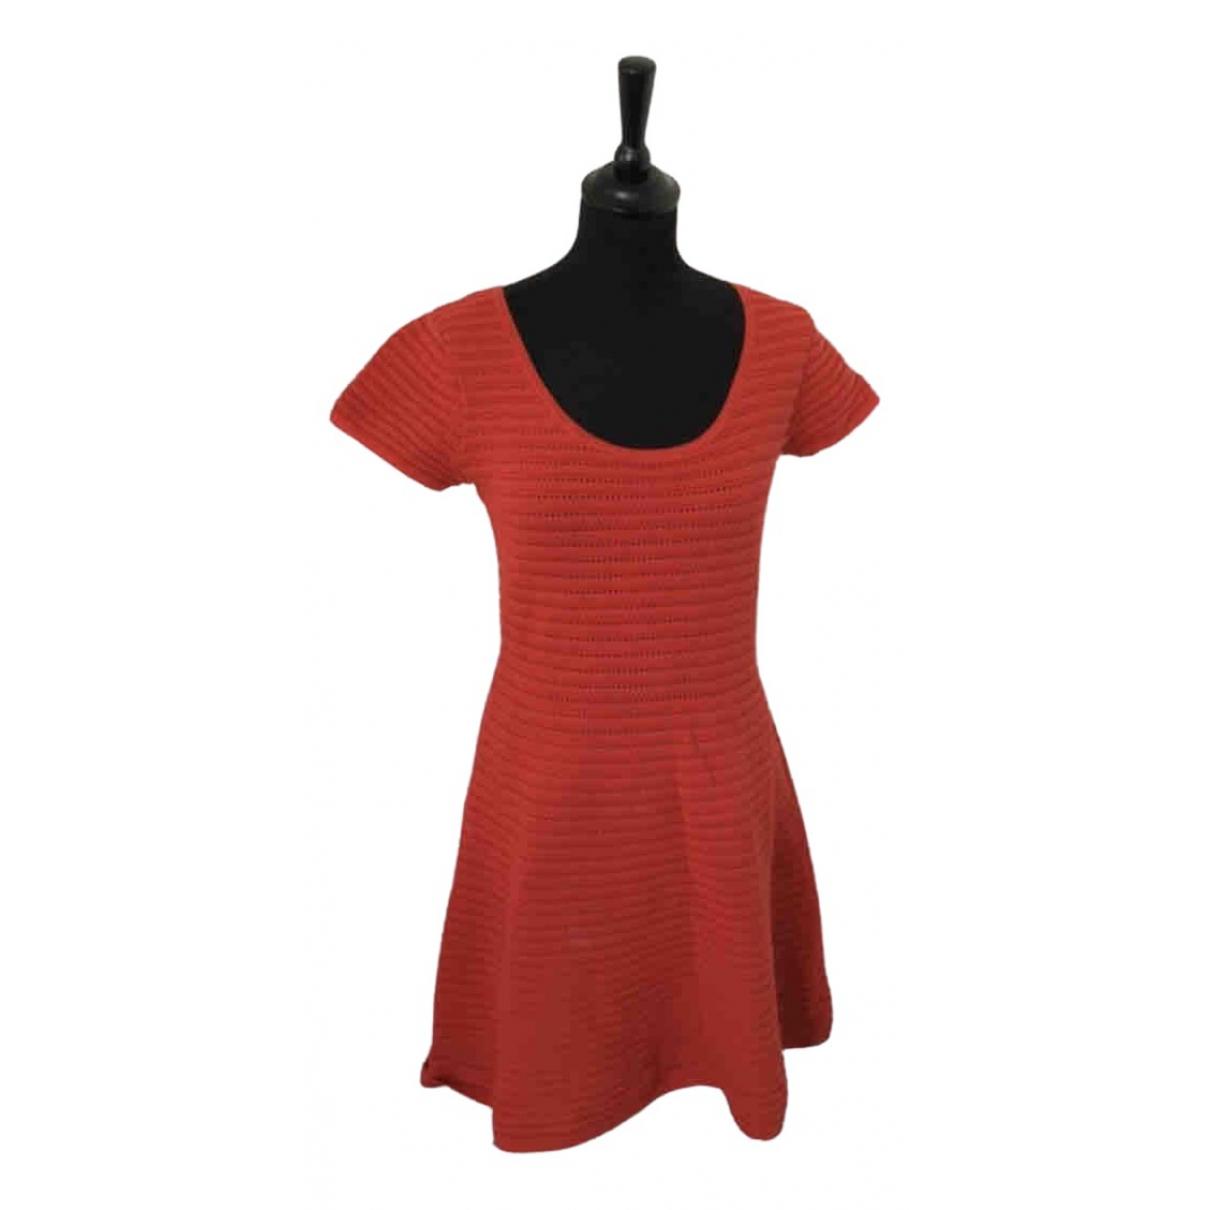 Sandro Spring Summer 2019 Red Cotton dress for Women 36 FR